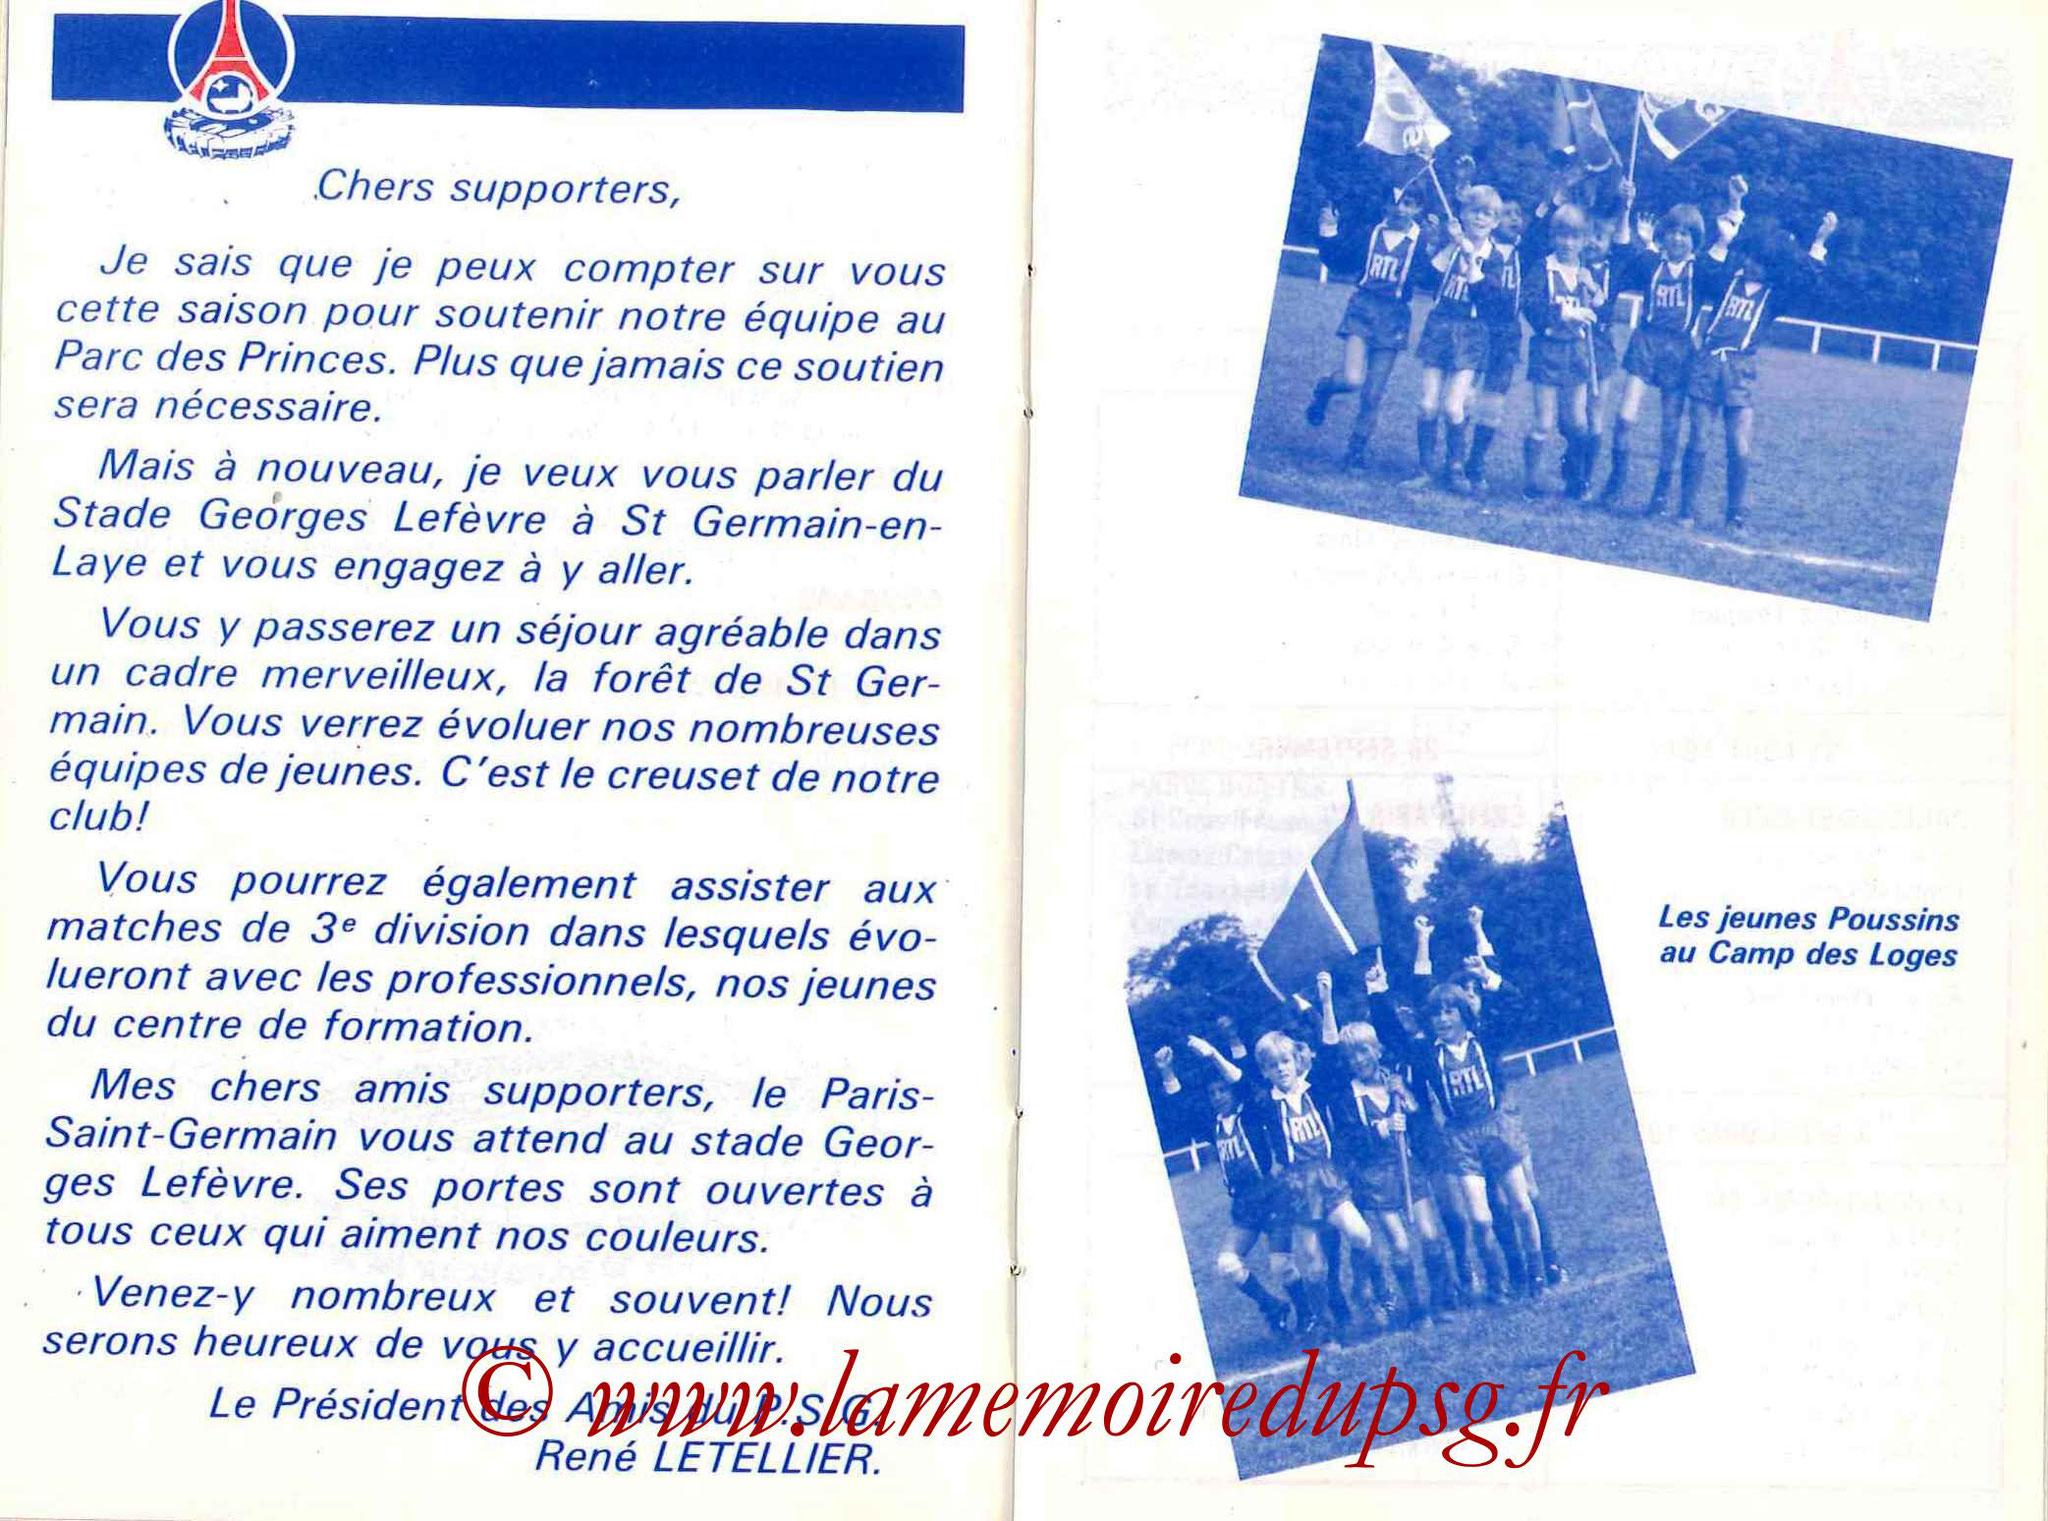 1985-86 - Guide de la Saison PSG - Pages 24 et 25